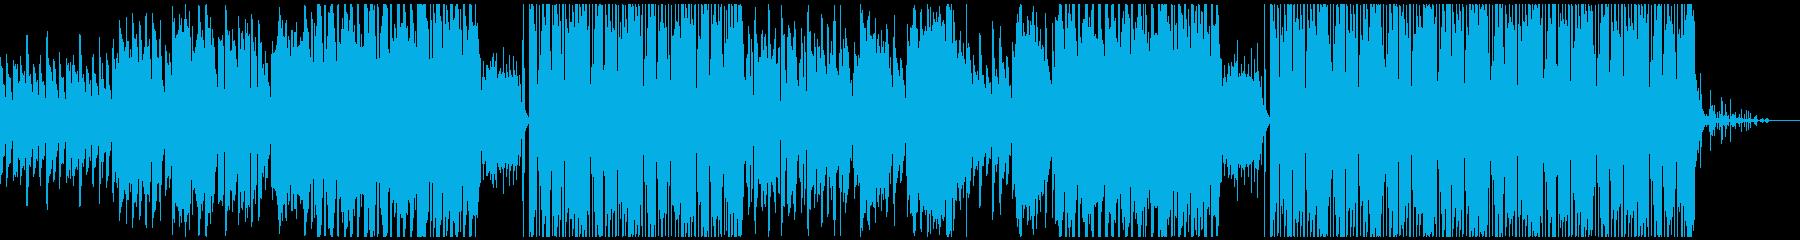 切ない歌とオリエンタルなEDMの再生済みの波形